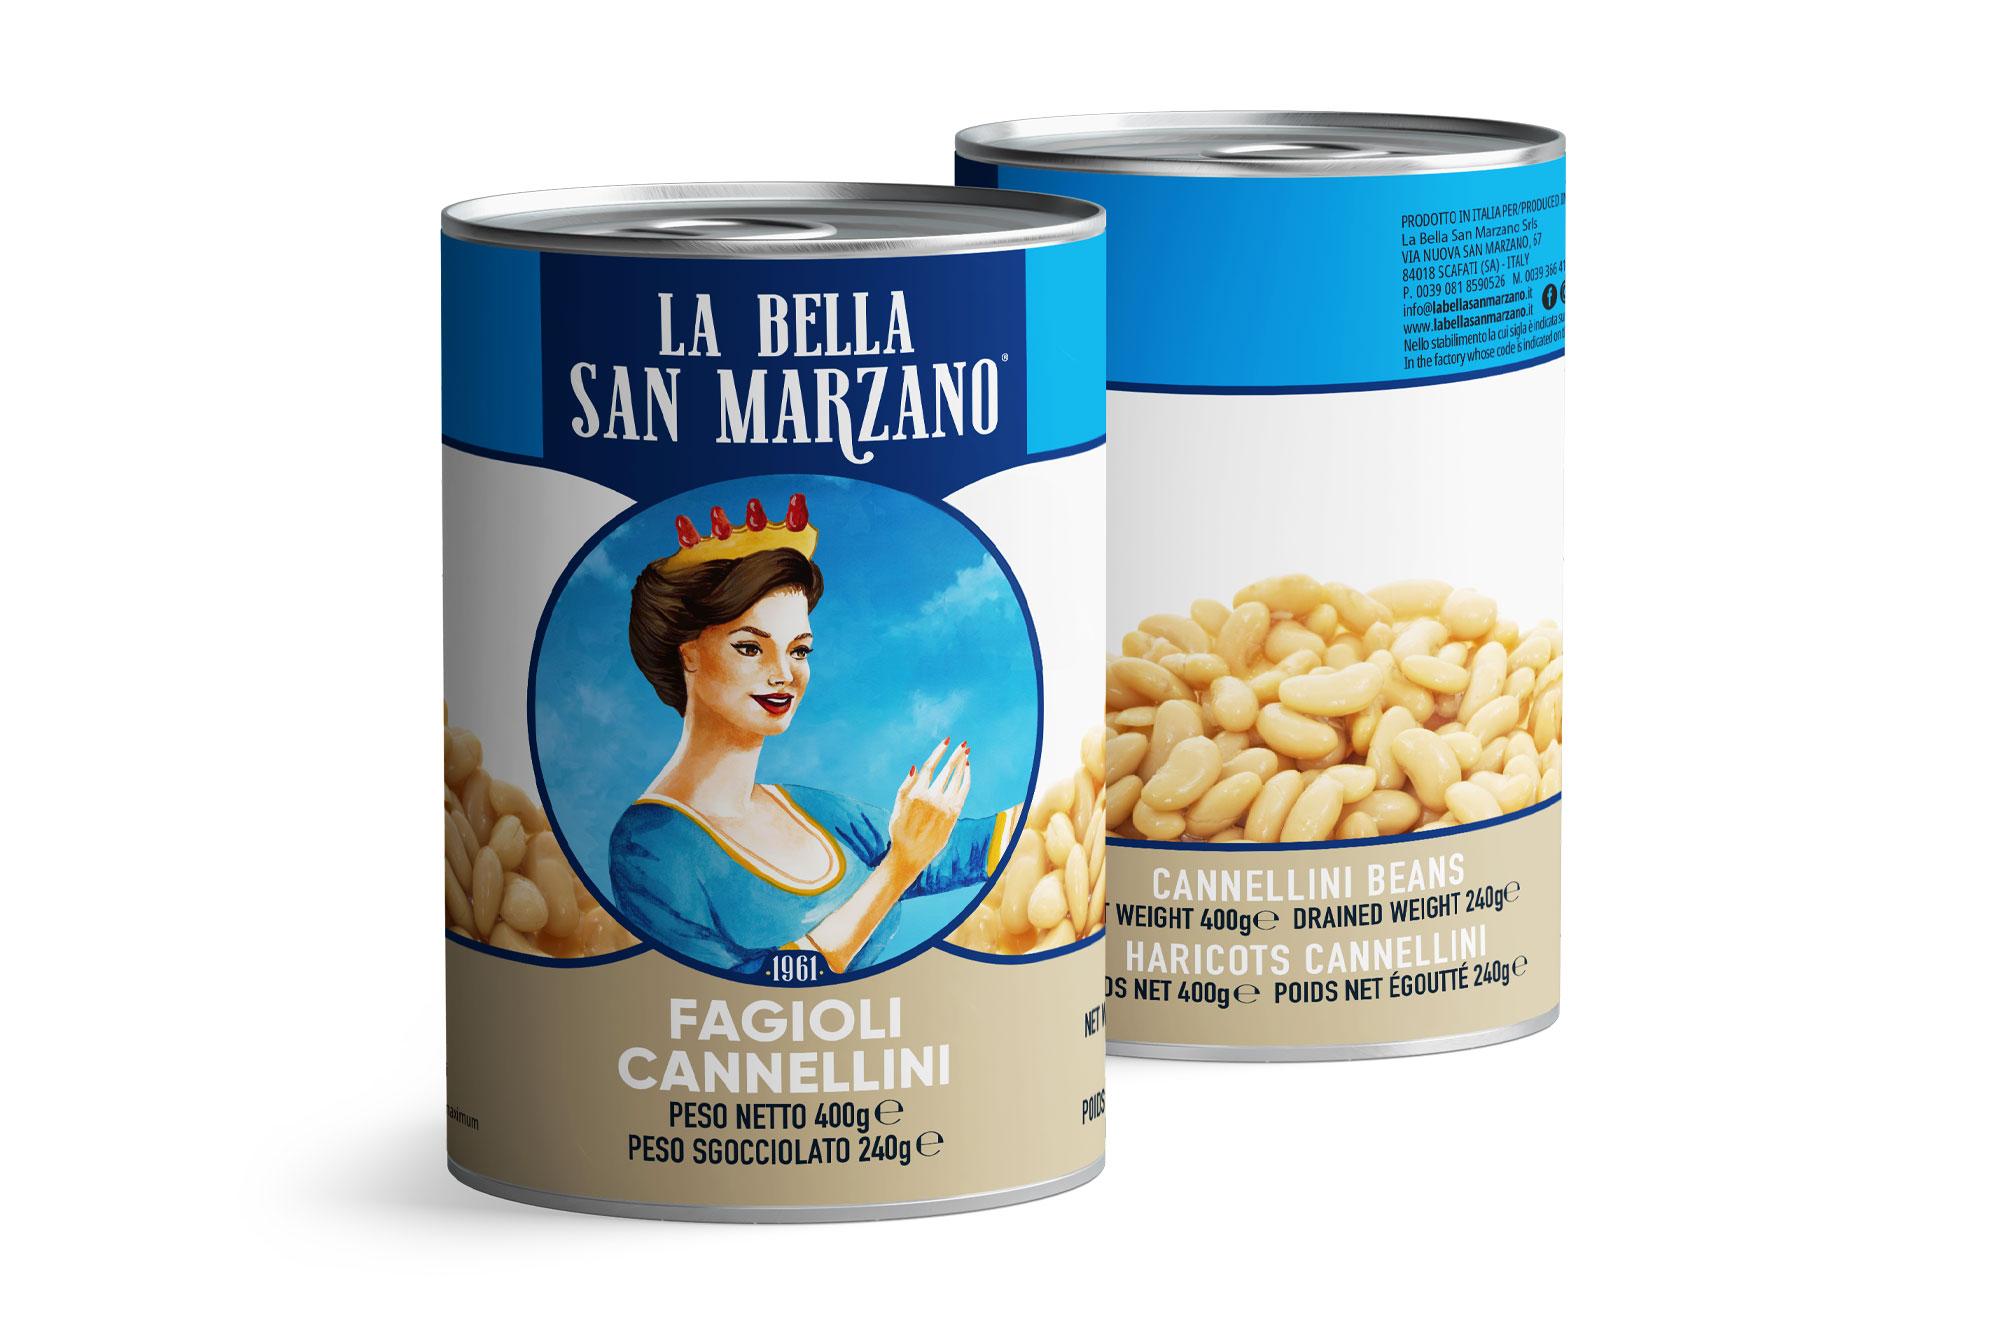 La Bella San Marzano - Fagioli Cannellini 400 gr